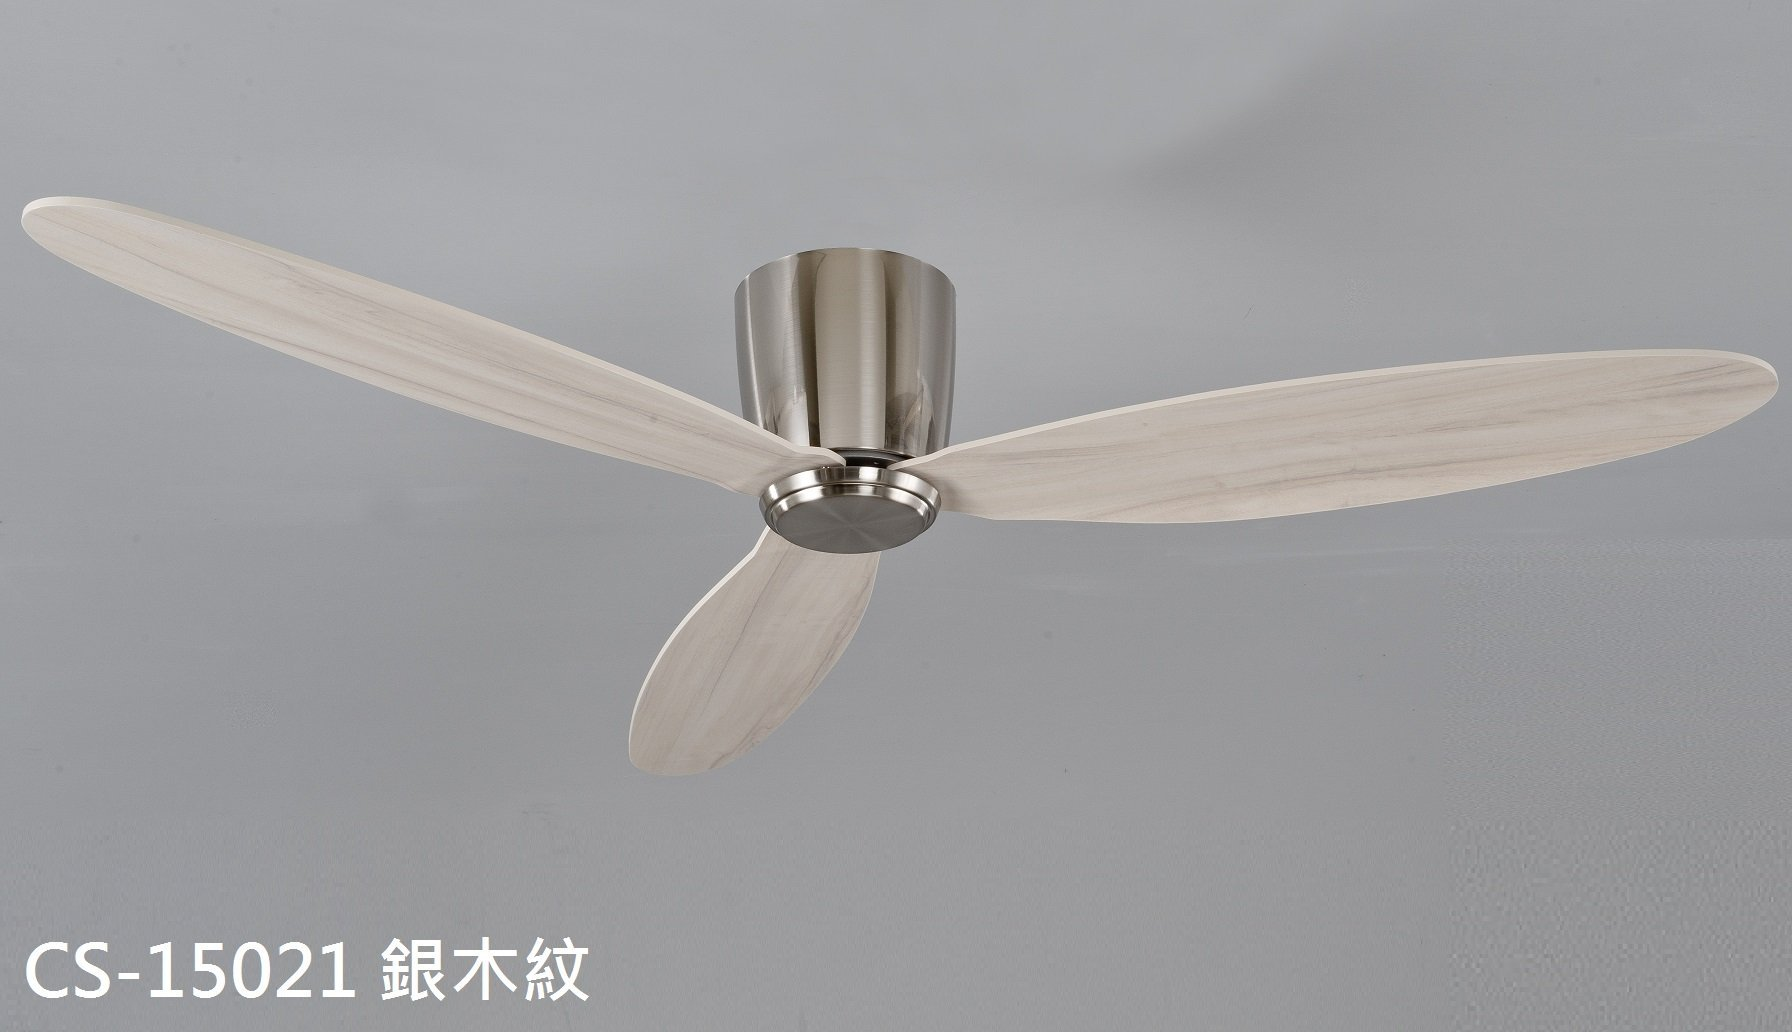 【一世風情】MIT  -吸頂式DC直流變頻吊扇 總高度才20公分-採用3D合板扇葉 風量大 且 耗電量才35瓦